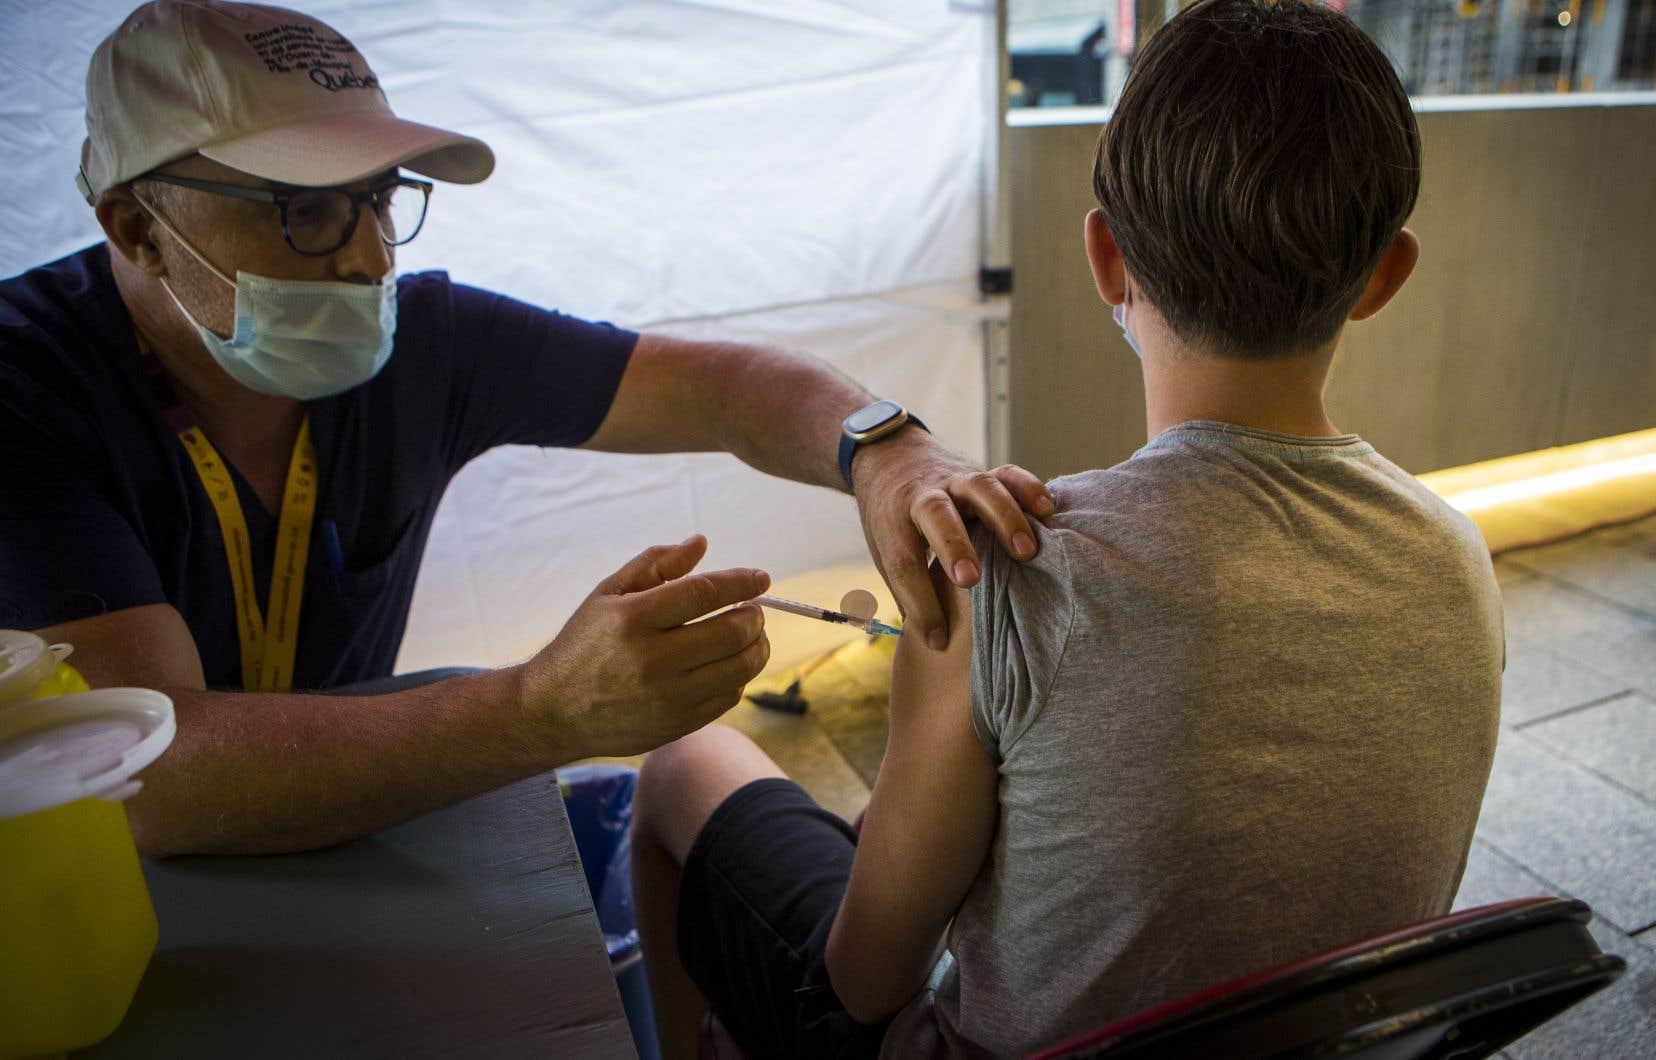 Le gouvernement Legault a dit espérer une rentrée scolaire quasi normale l'automne prochain, sans masque ni distanciation, si 75% des élèves ont reçu leurs deux doses de vaccin.